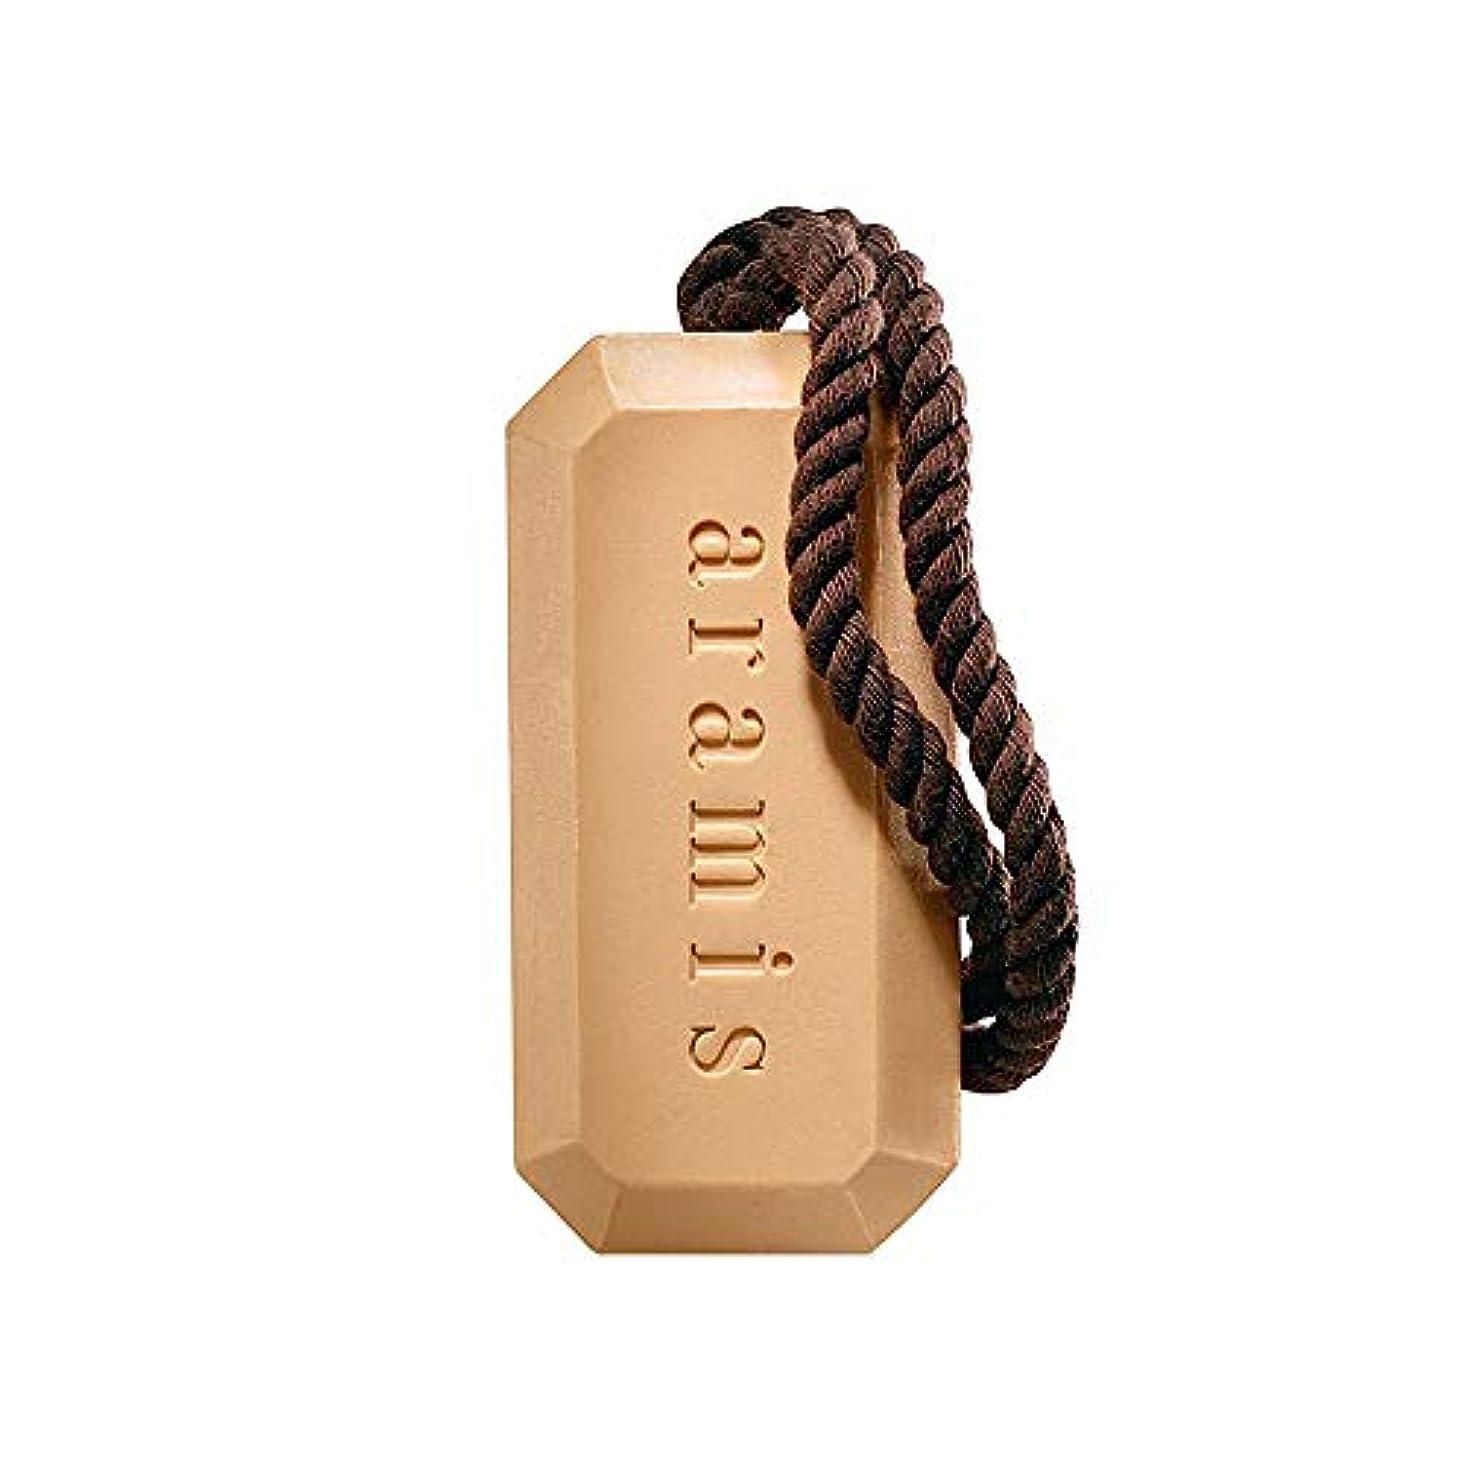 色合い練るカロリーアラミス ロープ付き バスソープ (化粧石けん) 石鹸 アラミスの香り 163g